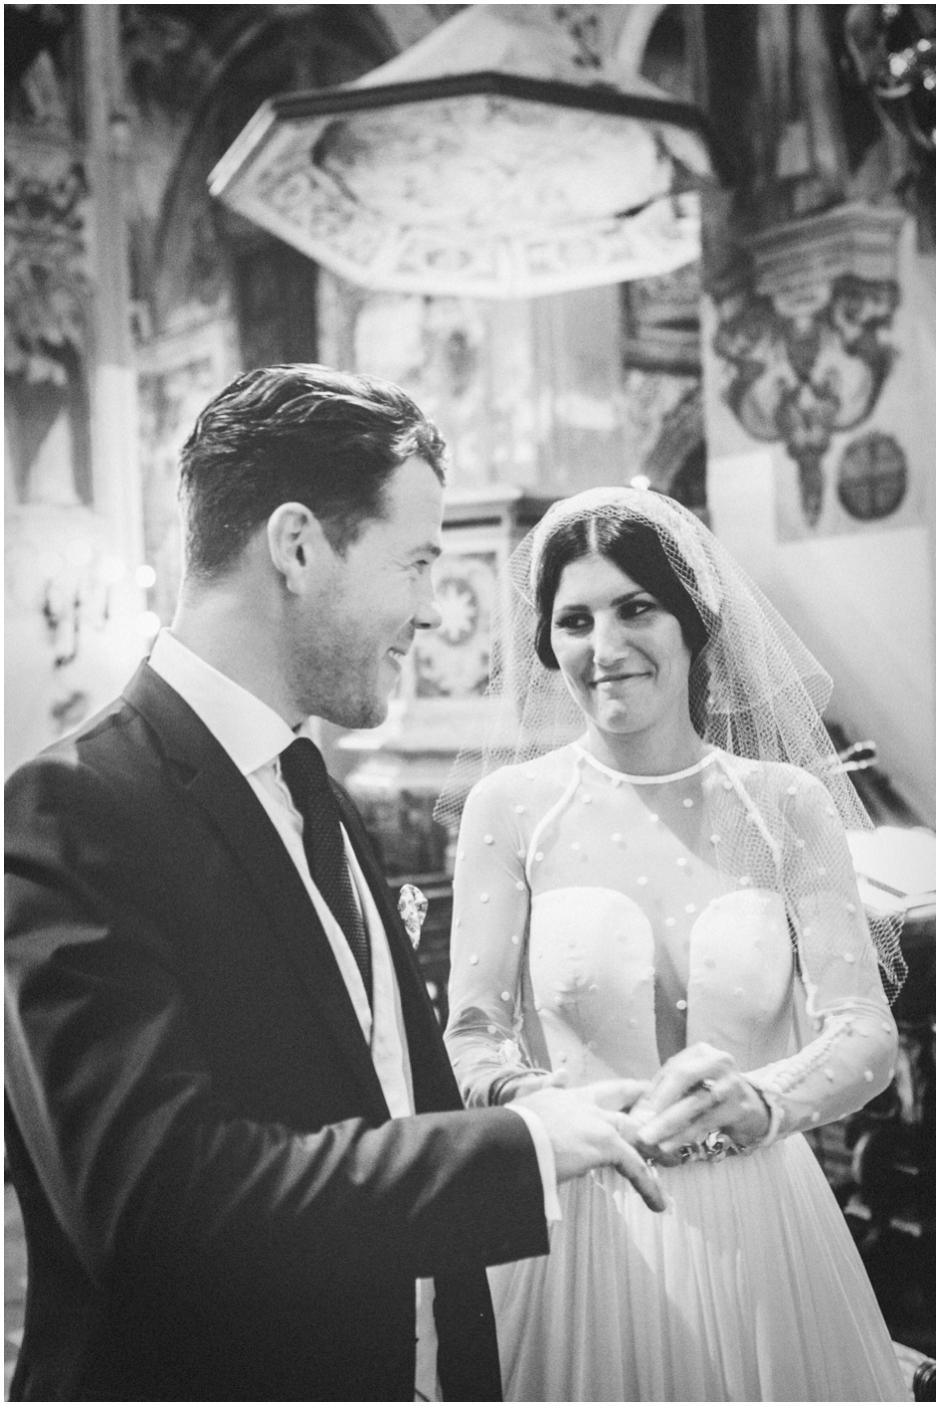 fotografo-de-bodas-sevilla-valencia-mallorca-jose-caballero-bodafilms37.jpg